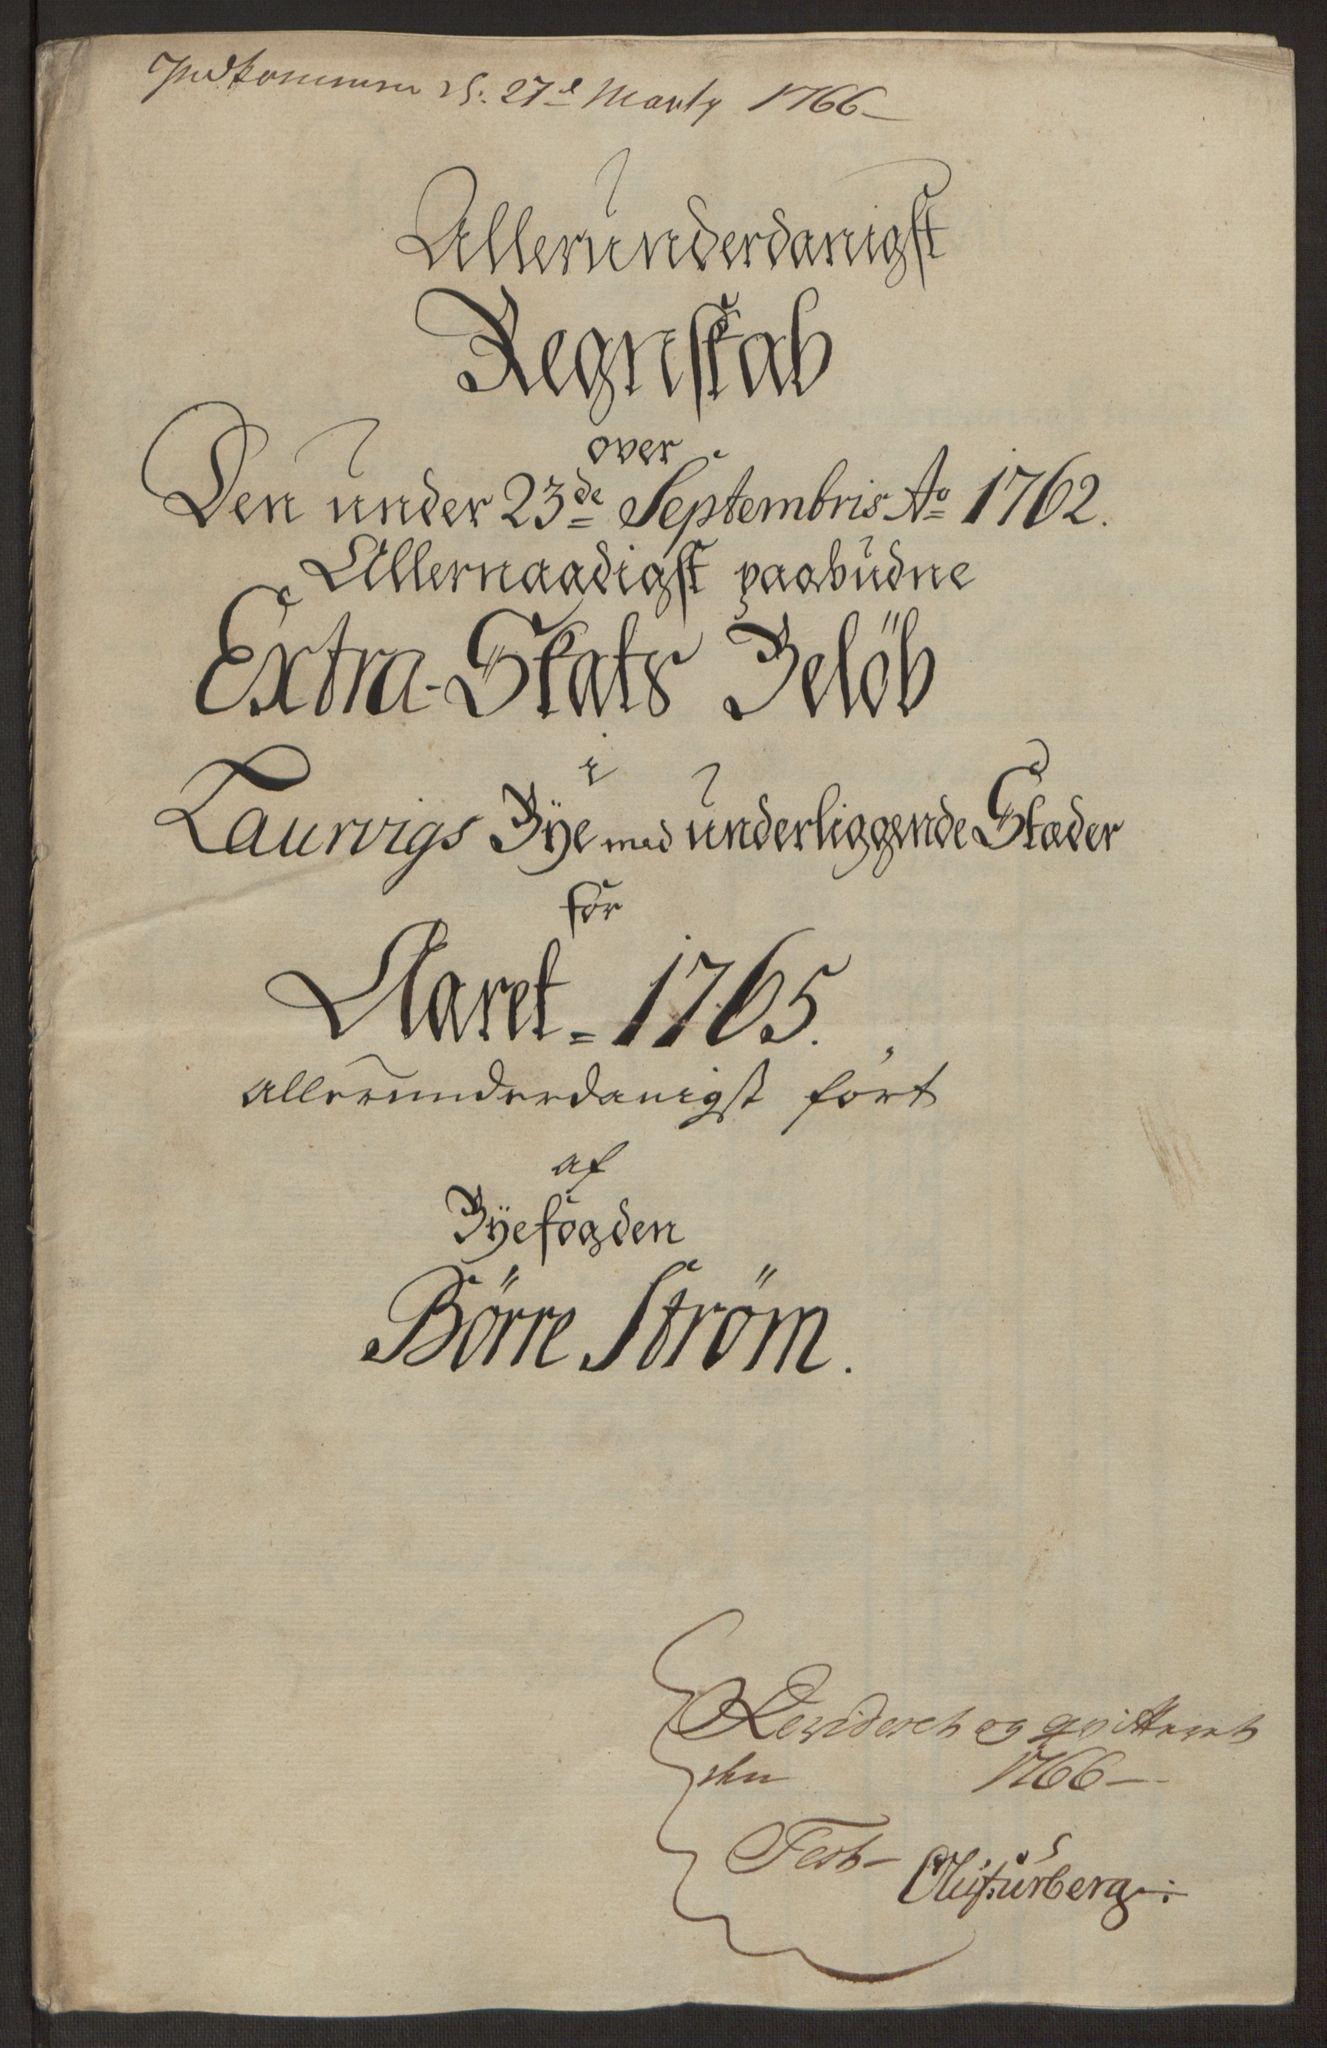 RA, Rentekammeret inntil 1814, Reviderte regnskaper, Byregnskaper, R/Ri/L0183: [I4] Kontribusjonsregnskap, 1762-1768, s. 239